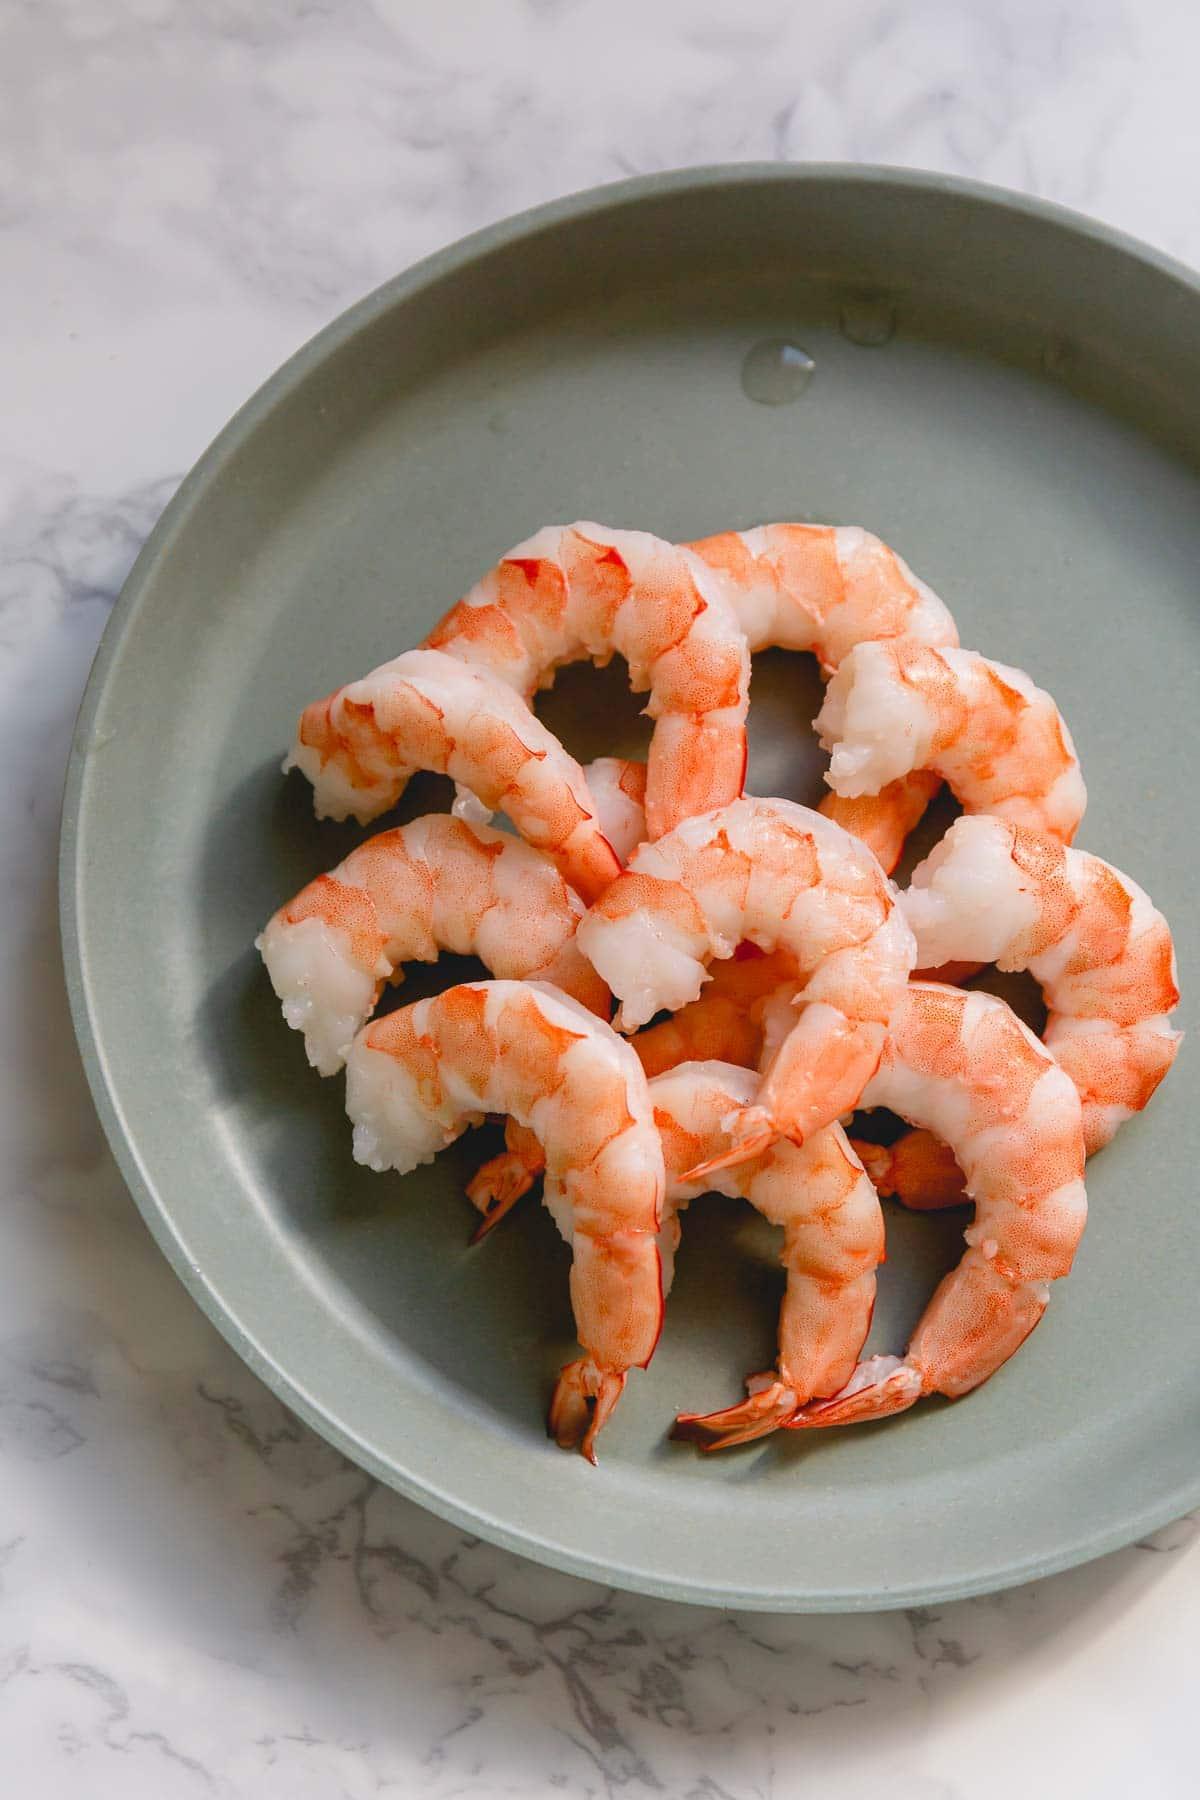 Boiled Shrimp on plate